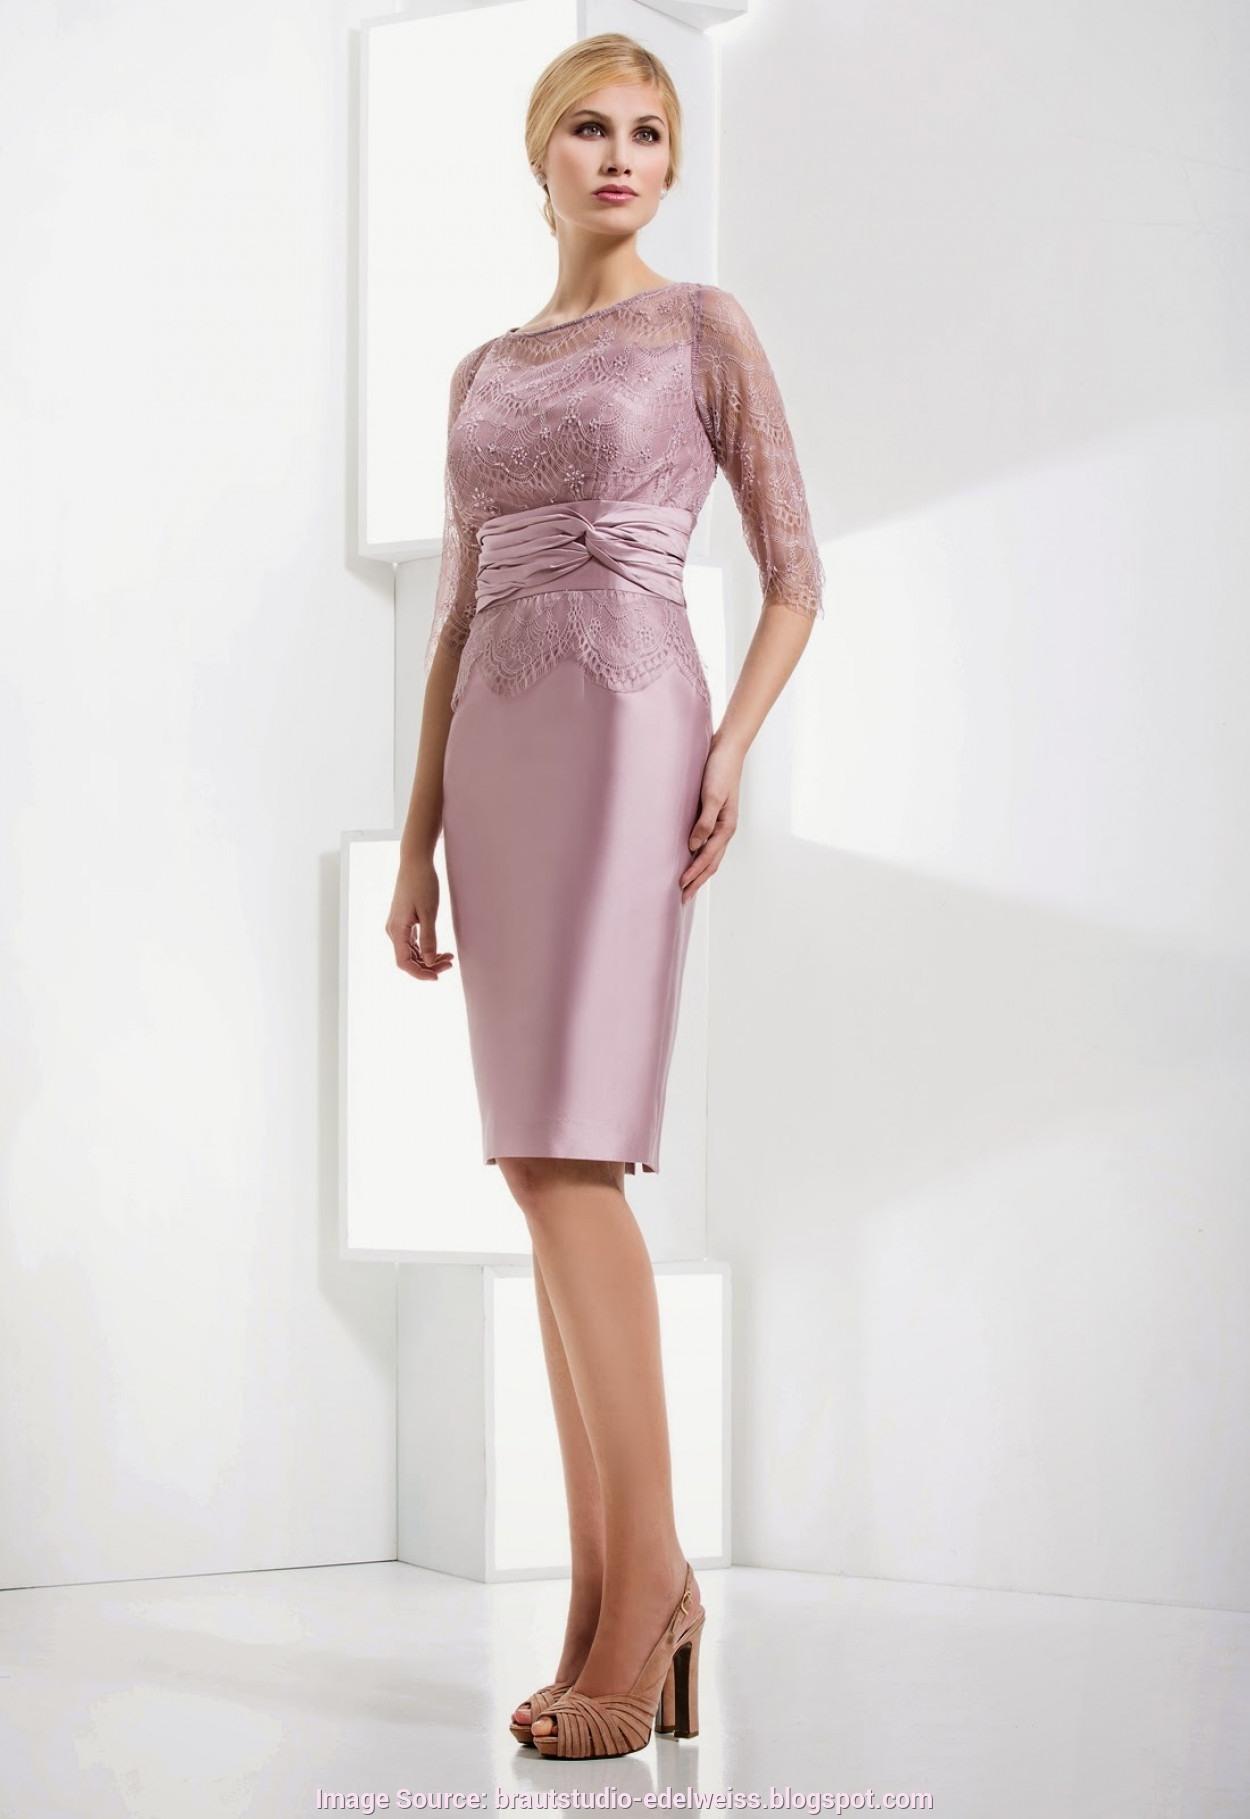 13 Top Festliche Kleider Für Brautmutter Galerie17 Spektakulär Festliche Kleider Für Brautmutter Spezialgebiet